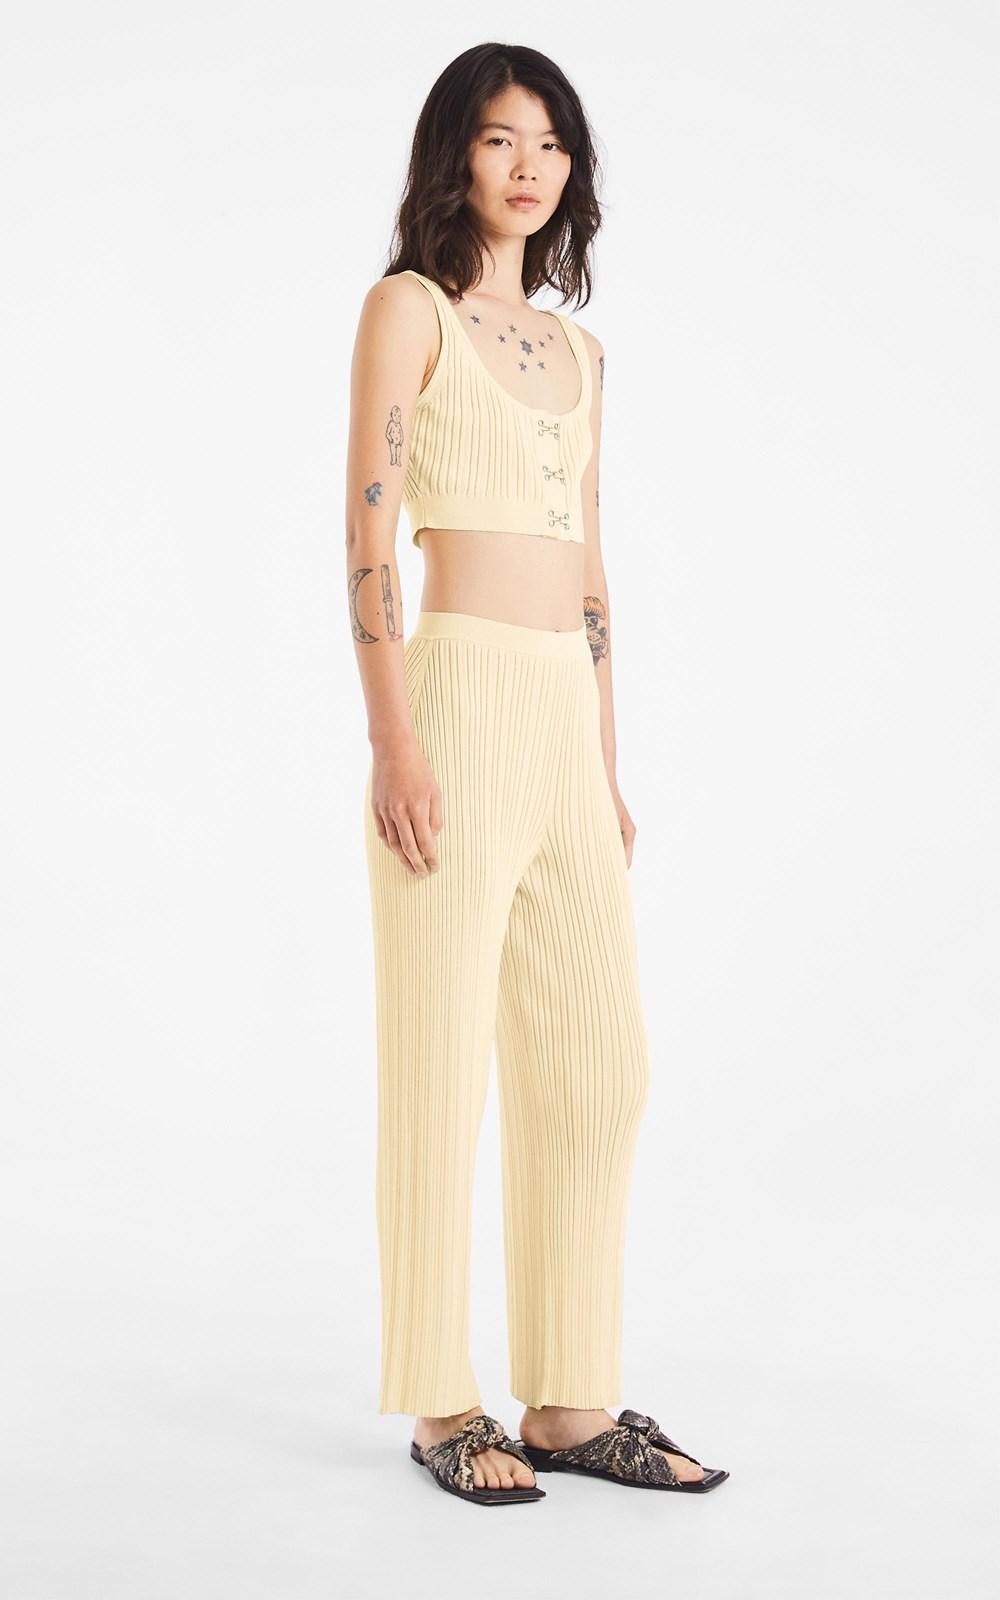 Knitwear | HOOK CROP TOP